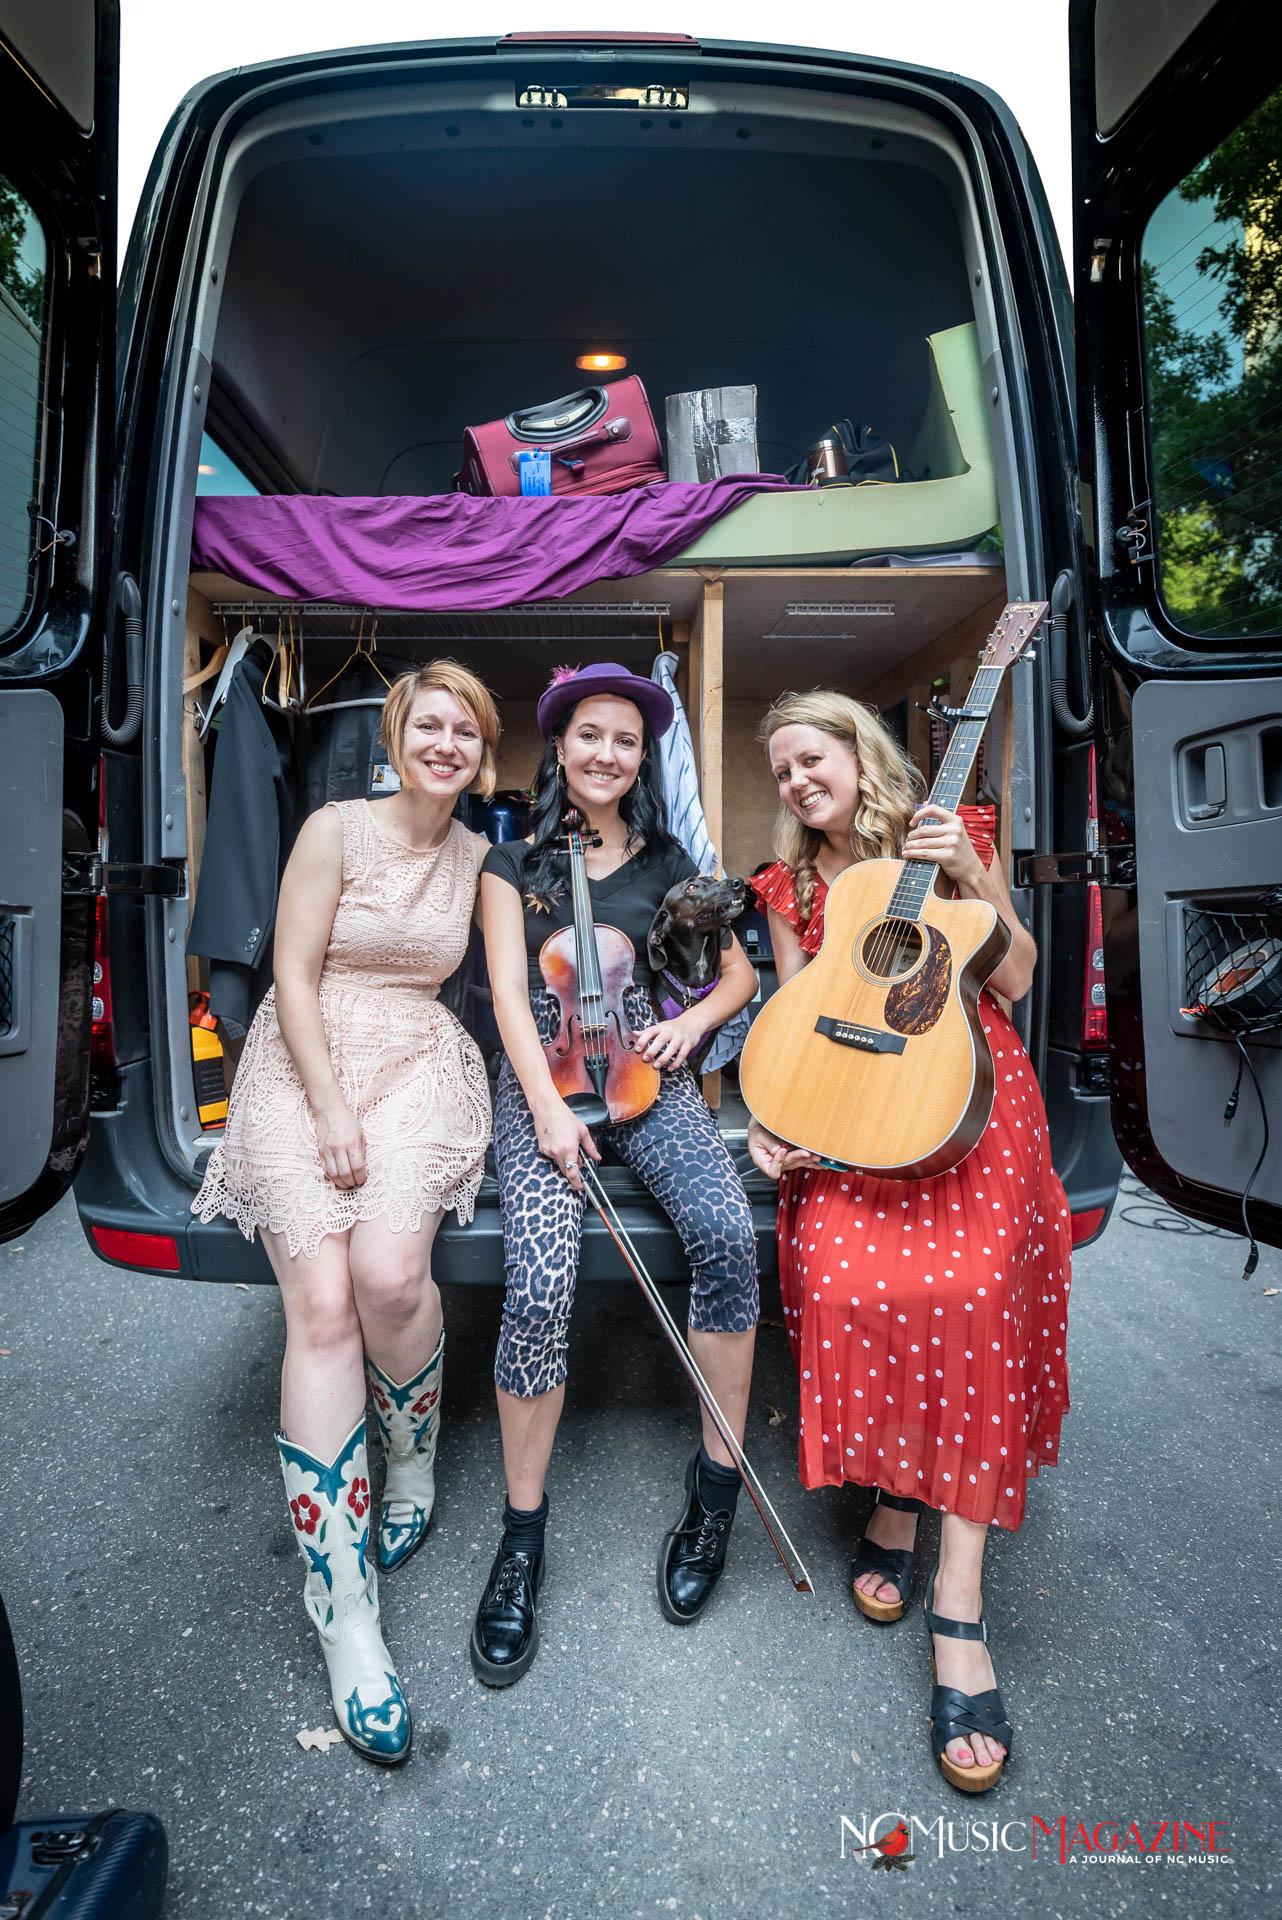 Streetfest 2019 - Gingersnaps 1.jpg